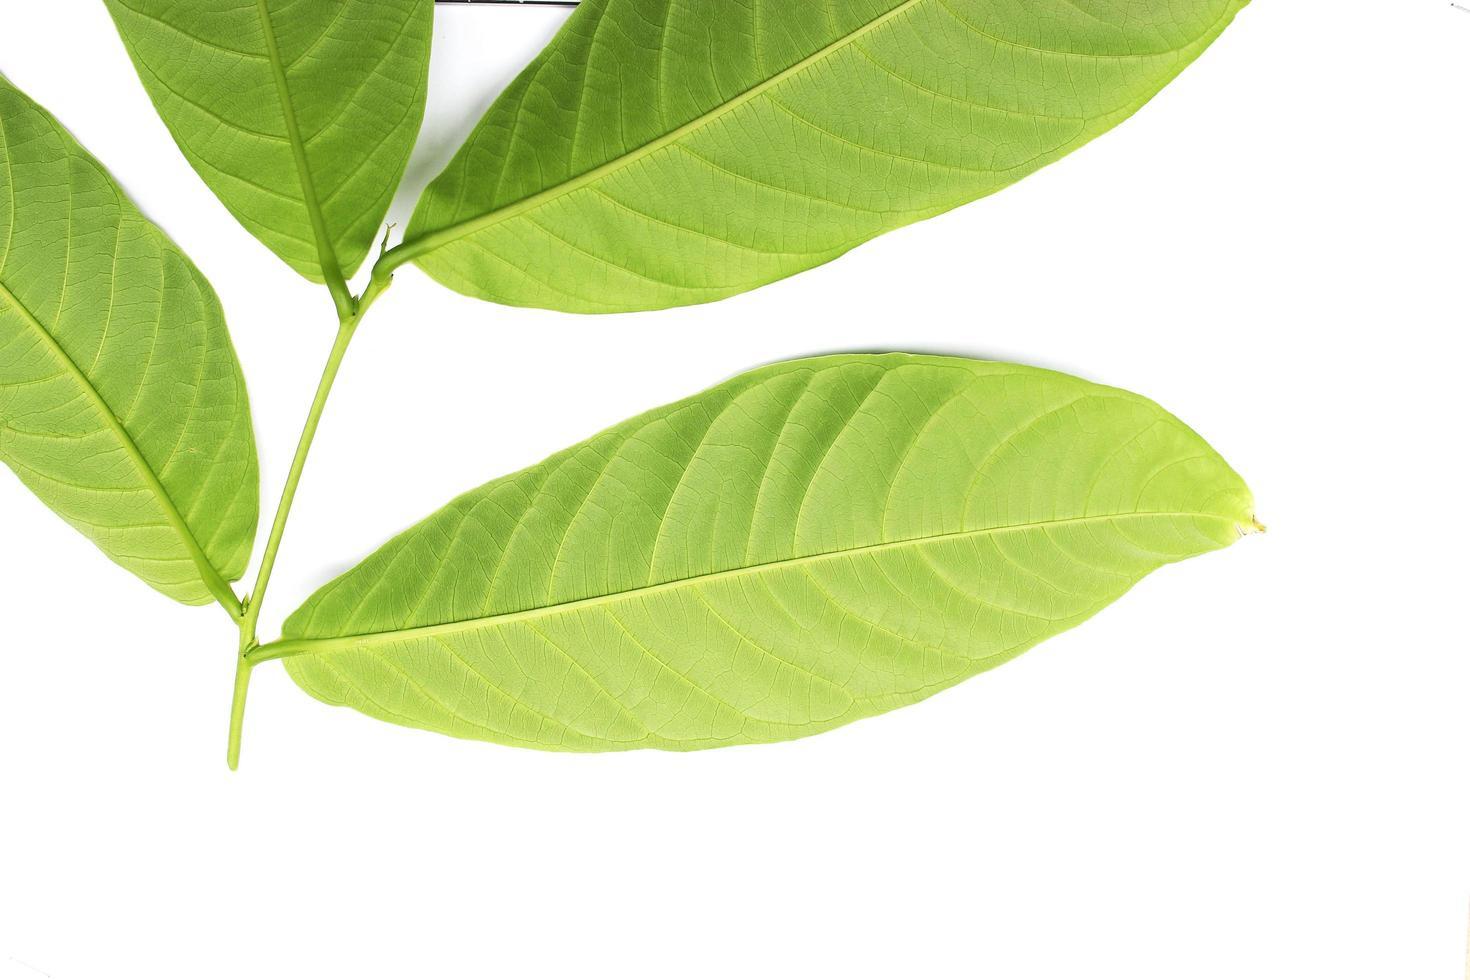 Nahaufnahme von grünen Blättern auf weißem Hintergrund foto